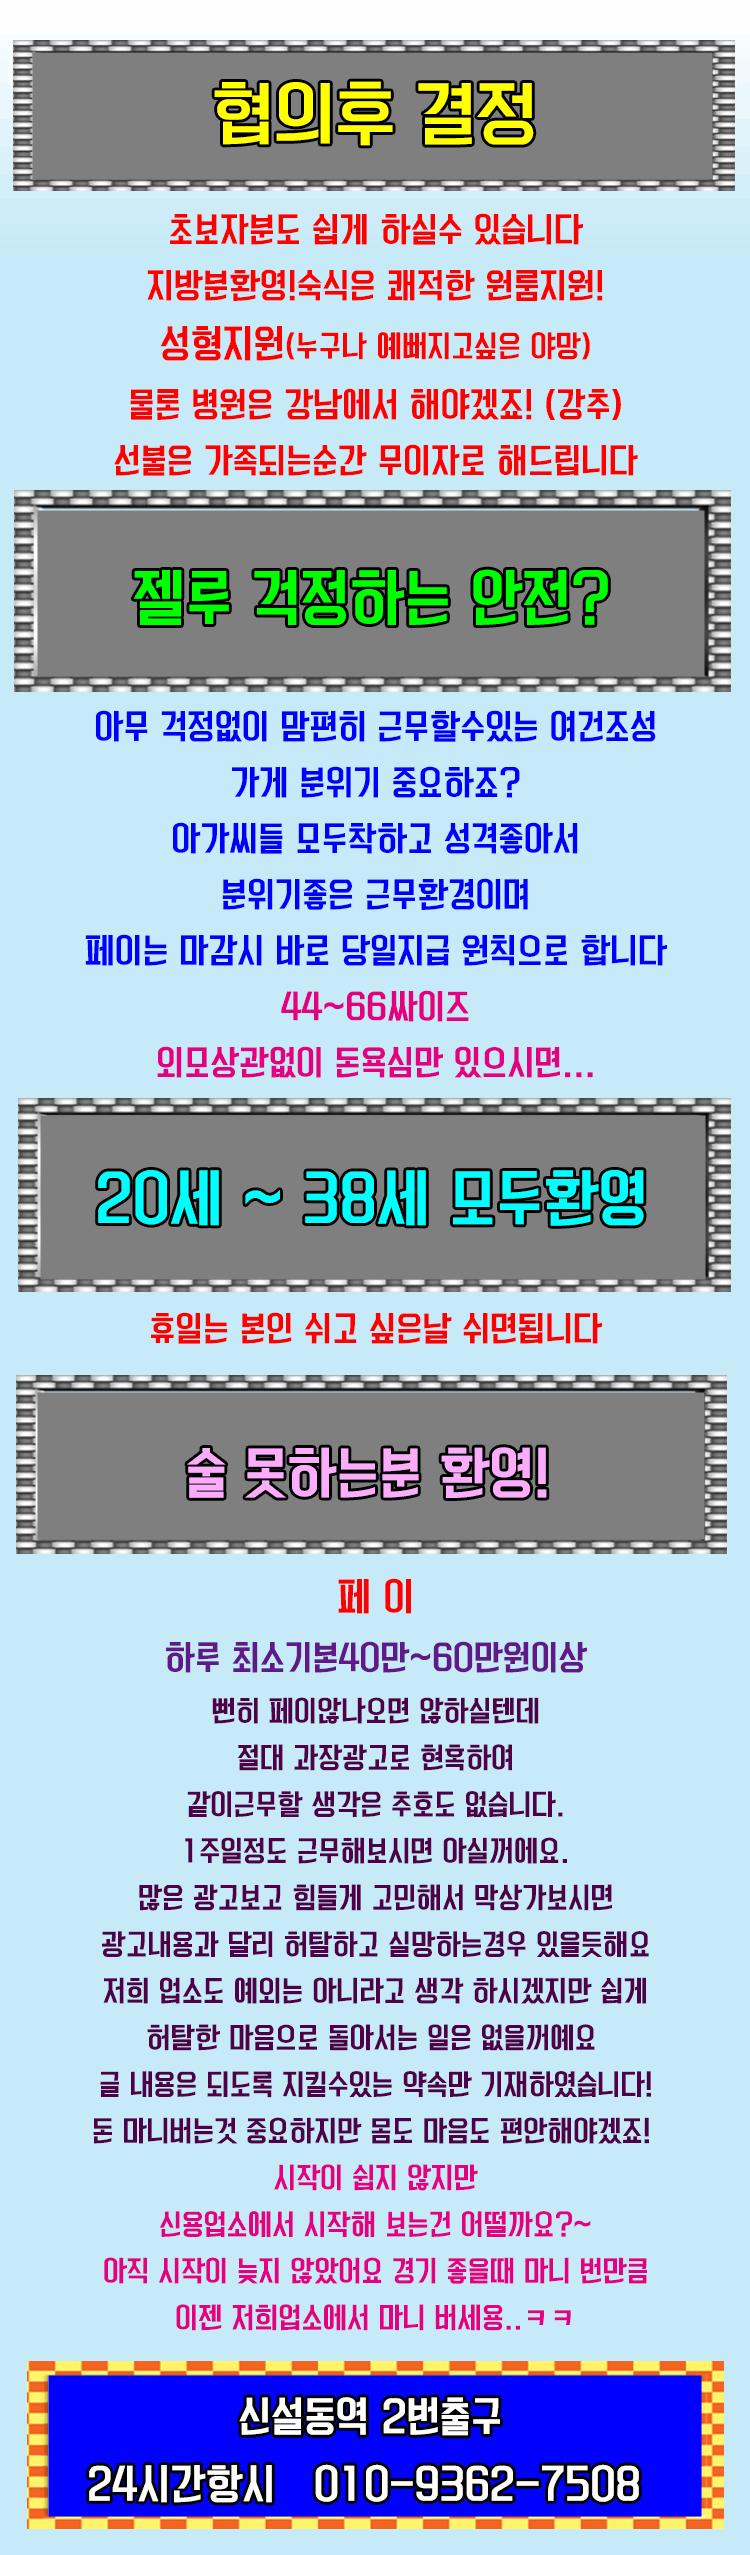 박카스 업소 가게 설명 및 전화번호